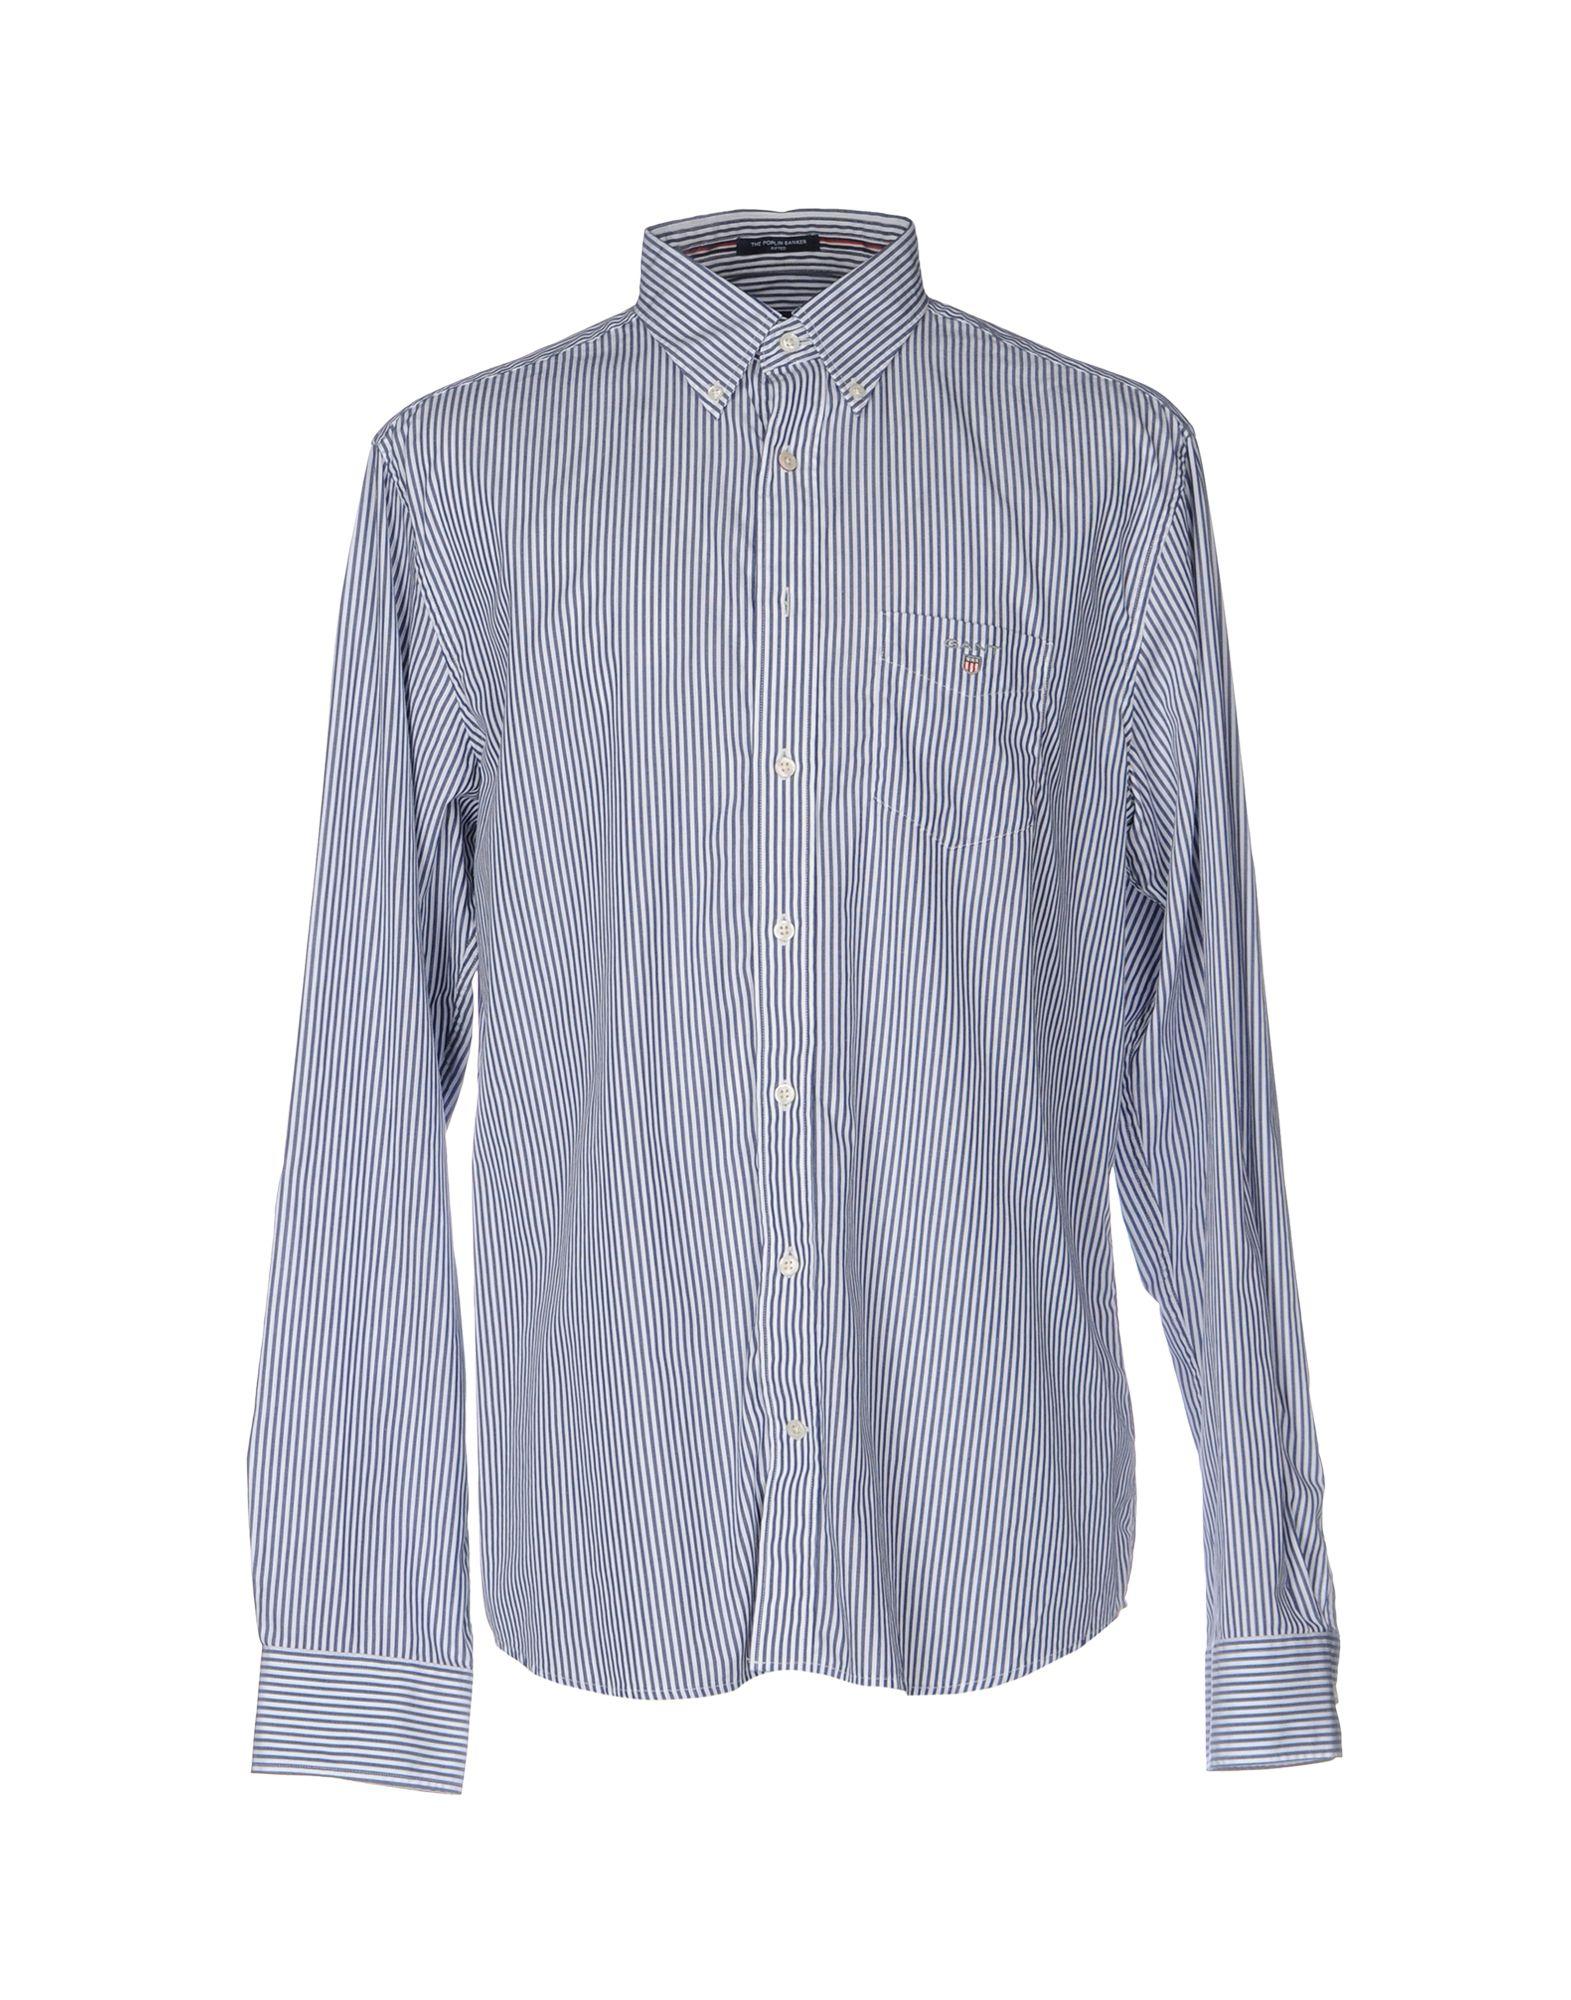 Gant Shirts Shop At Ebates